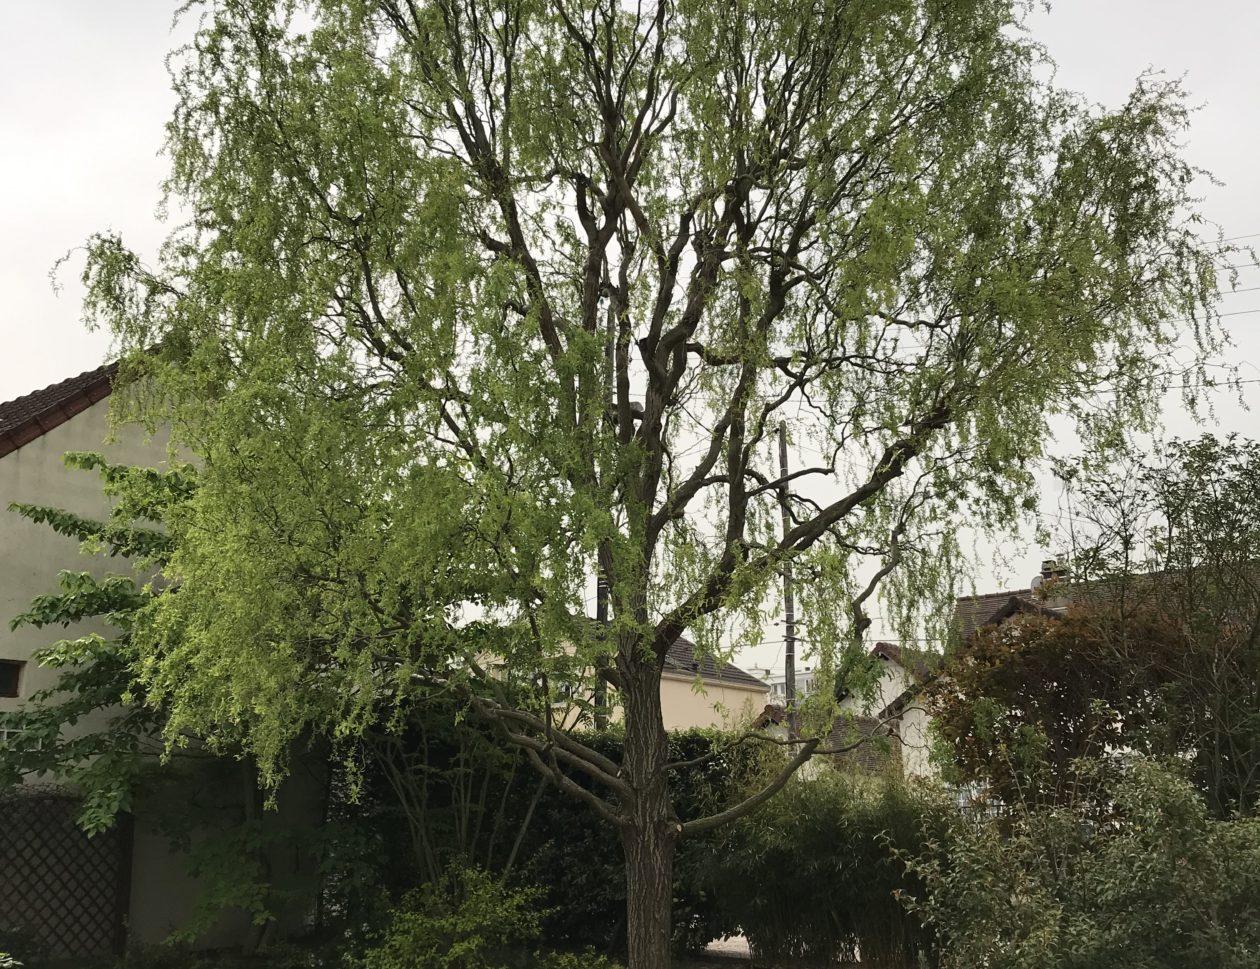 arbre élagué la tête dans les arbres